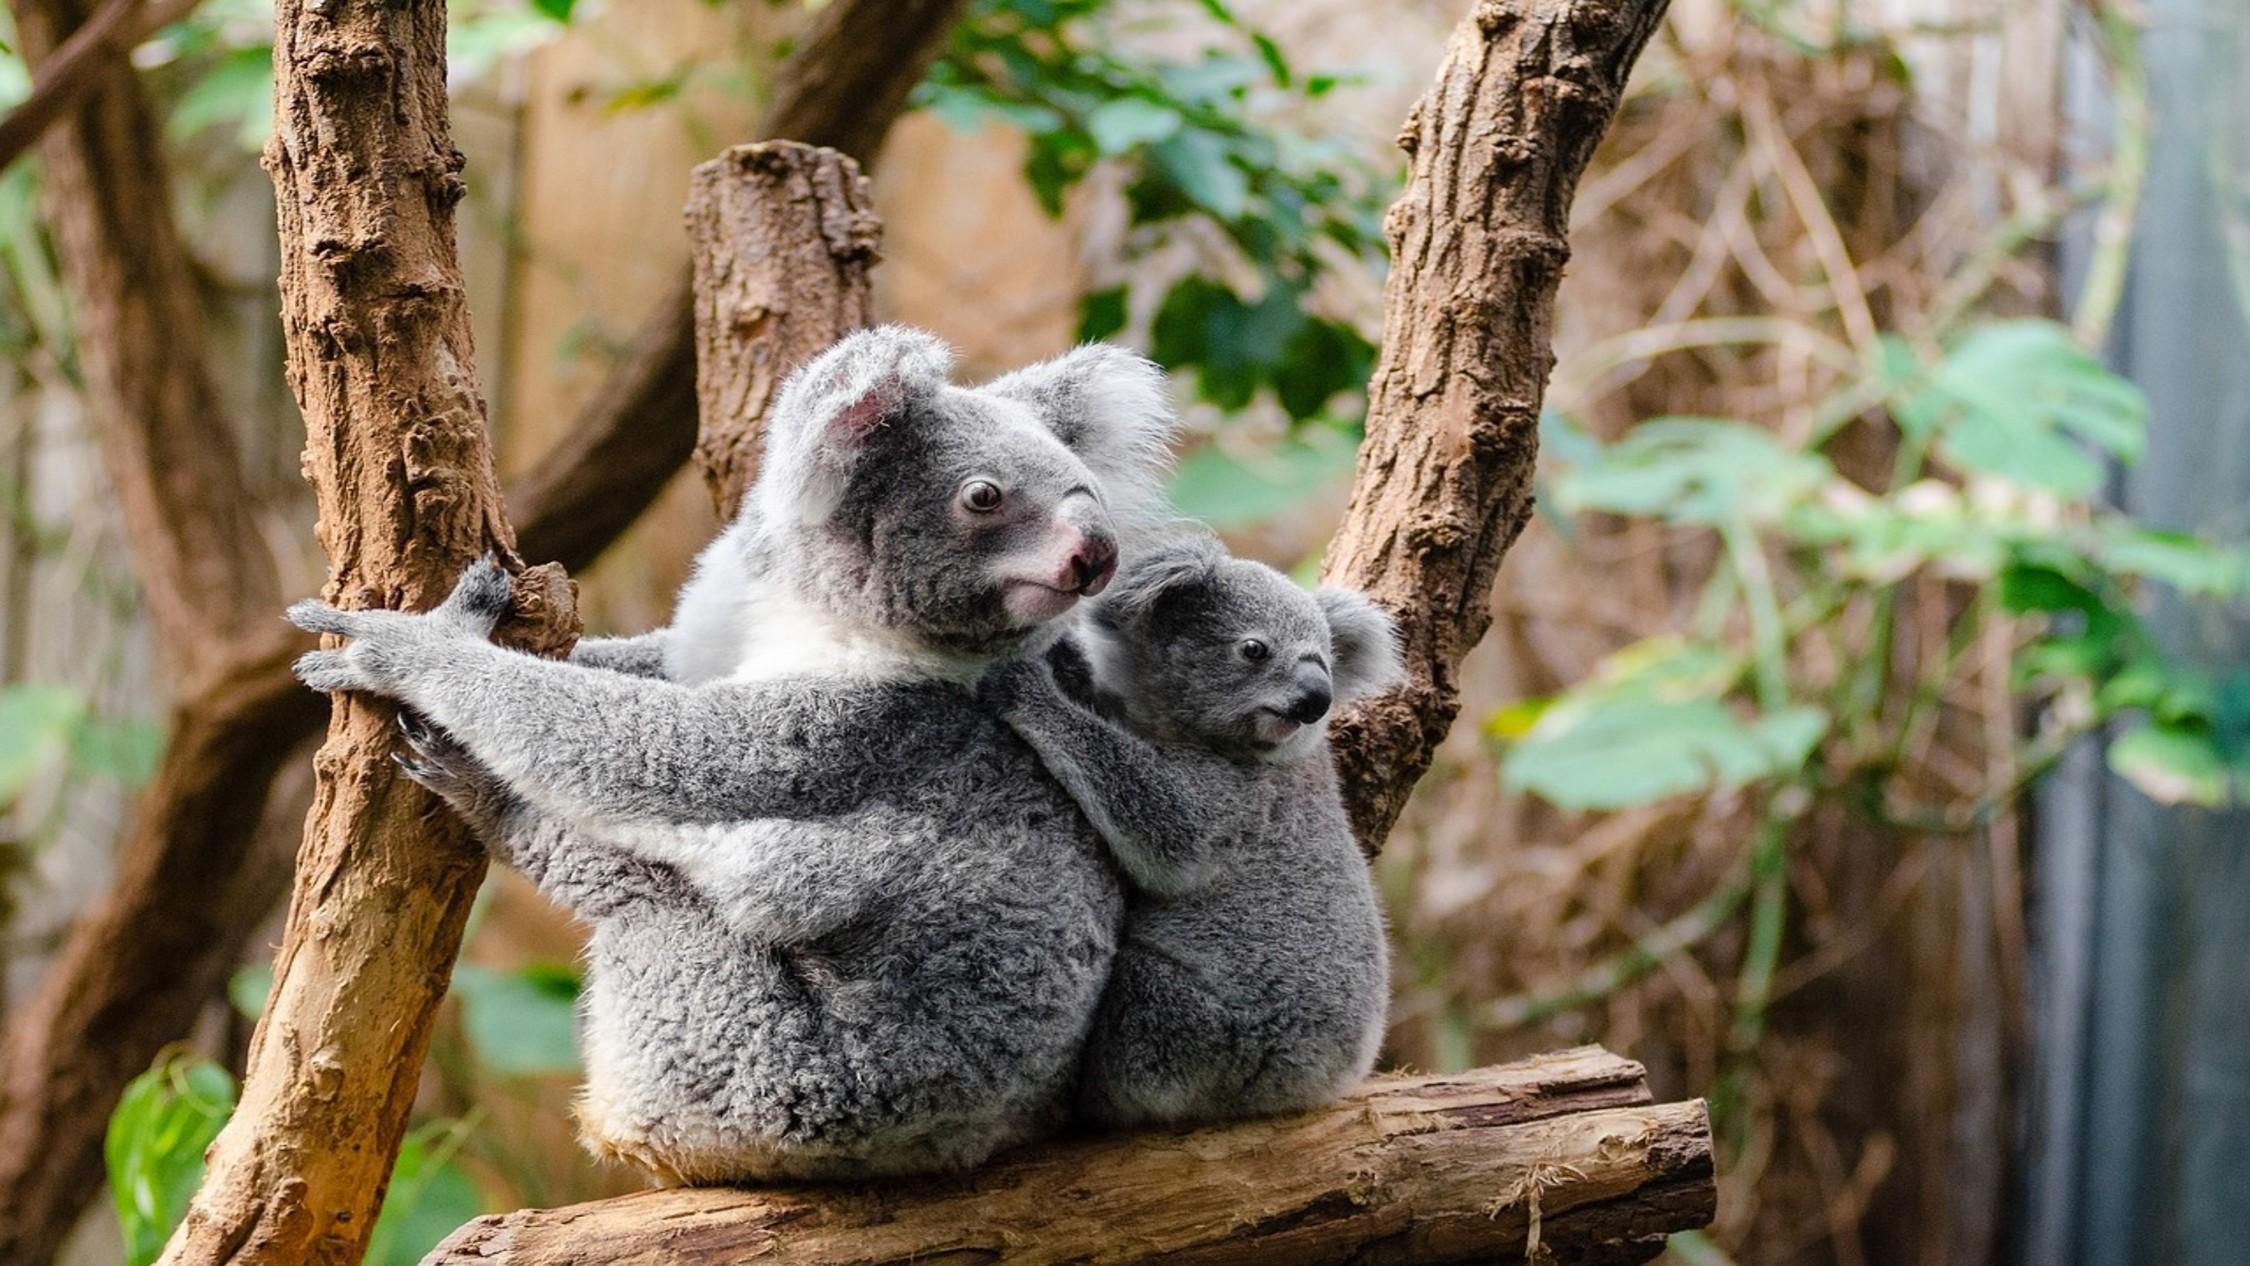 Koalas in a tree hugging